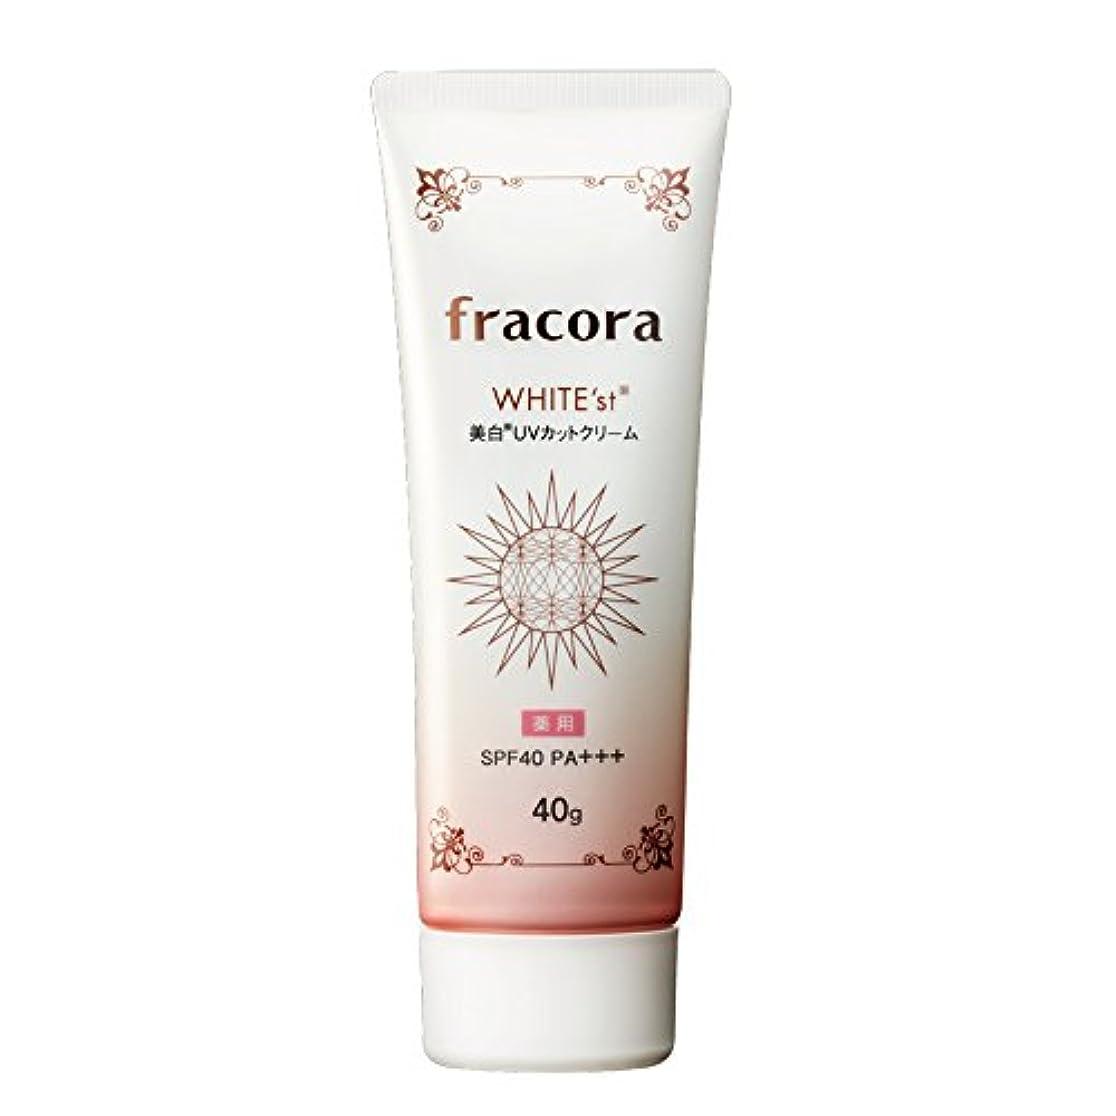 ランダムアルファベット順オンfracora(フラコラ) ホワイテスト 美白UVカットクリーム 40g